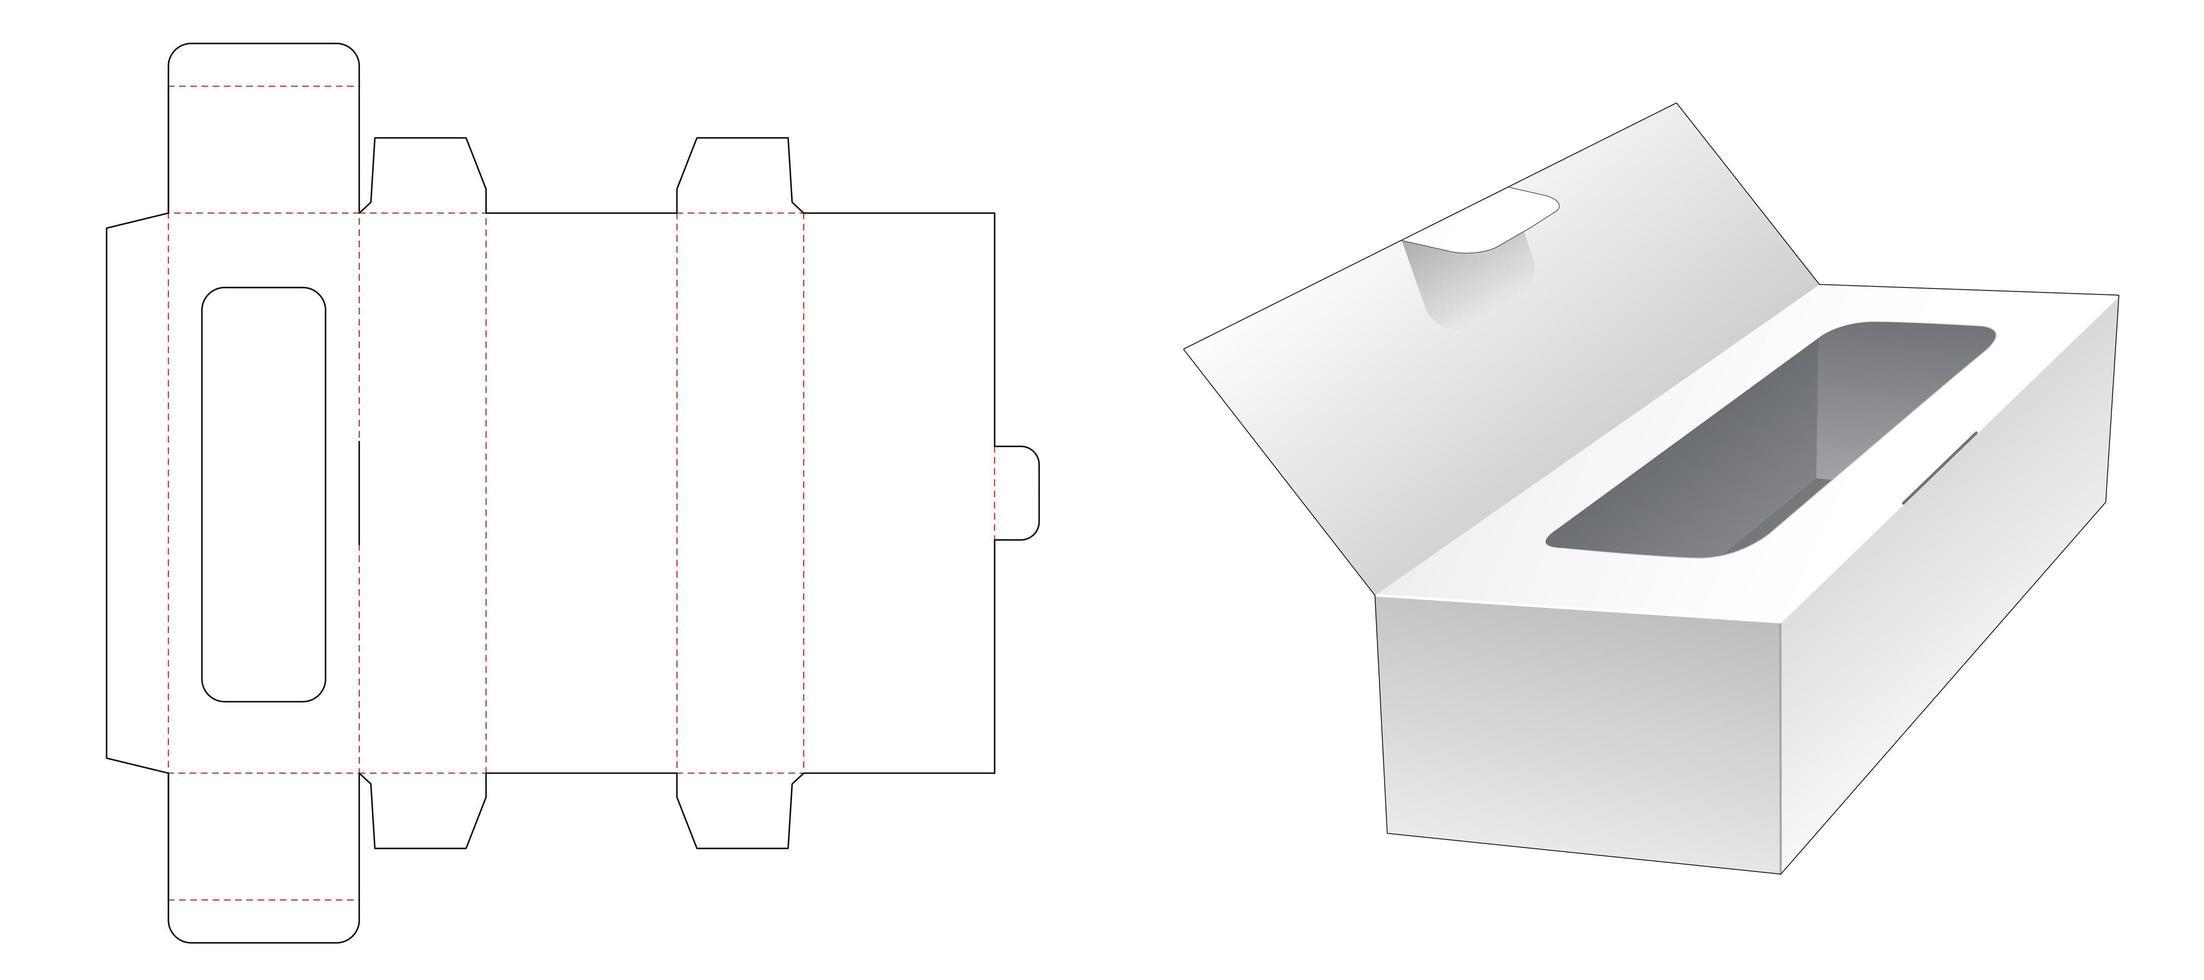 Taschentuchbox mit Klappdeckel vektor